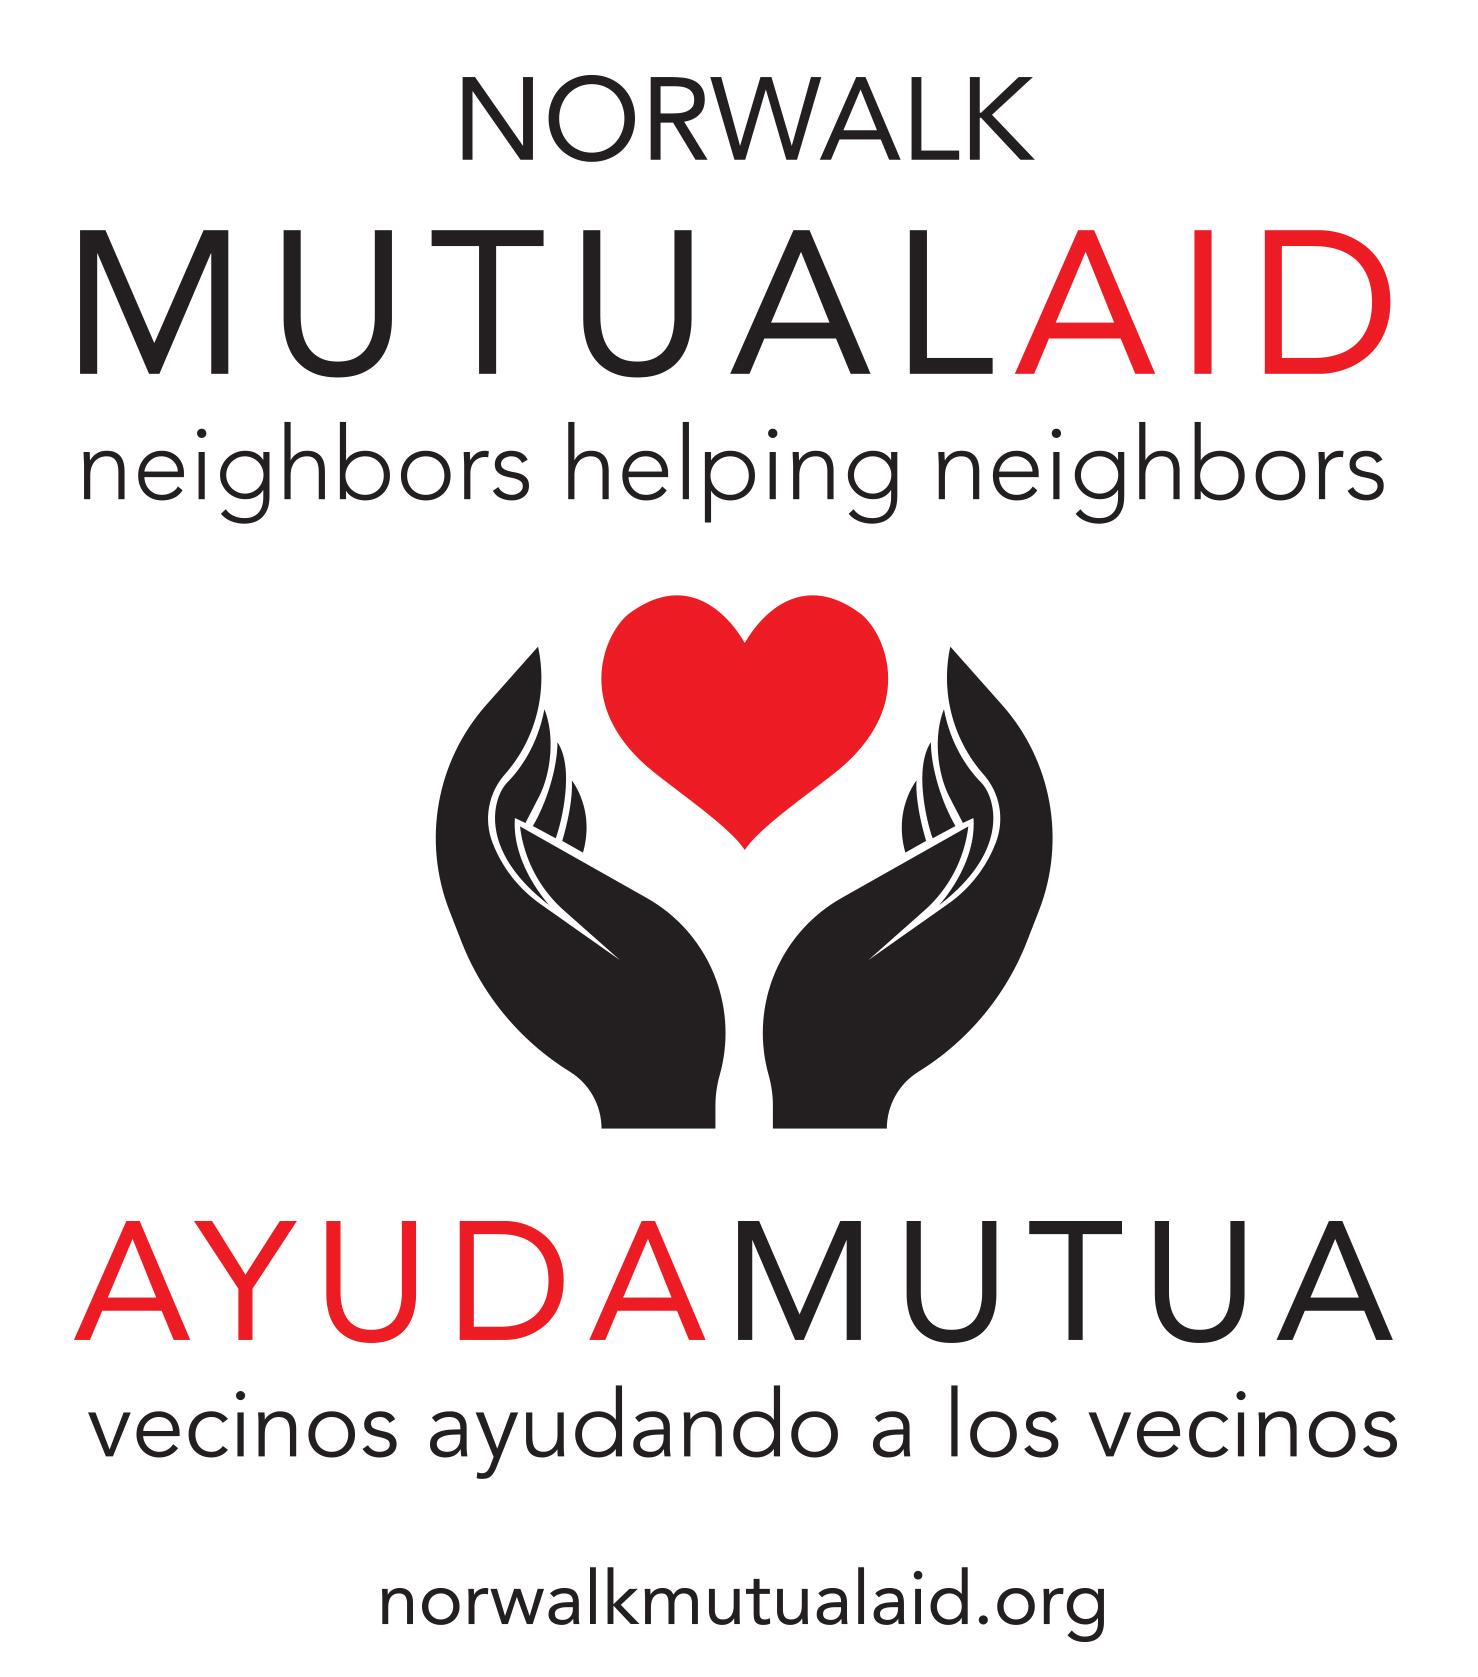 Norwalk Mutual Aid/Ayuda Mutua logo: two hands in black, with a red heart in between // dos manos de color negro, con un corazón rojo entre los dos